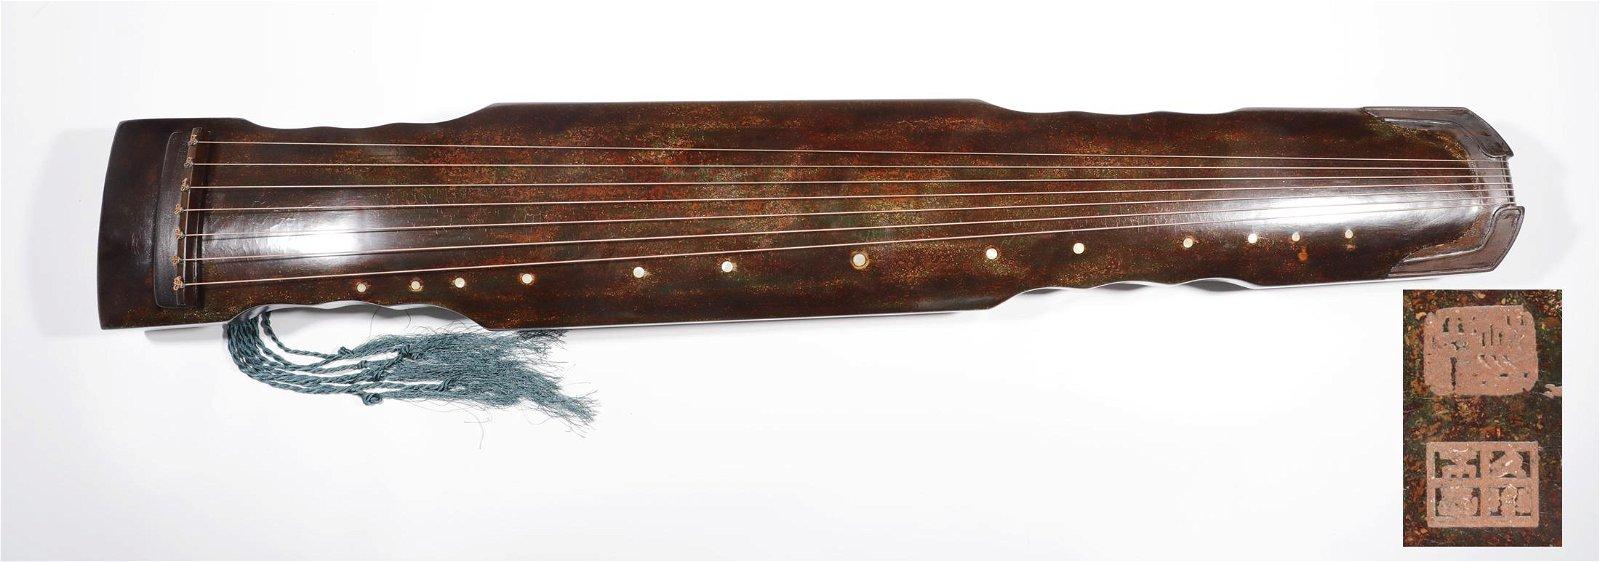 """Qing Dynasty - Musical Instrument """"Gu Qin"""""""